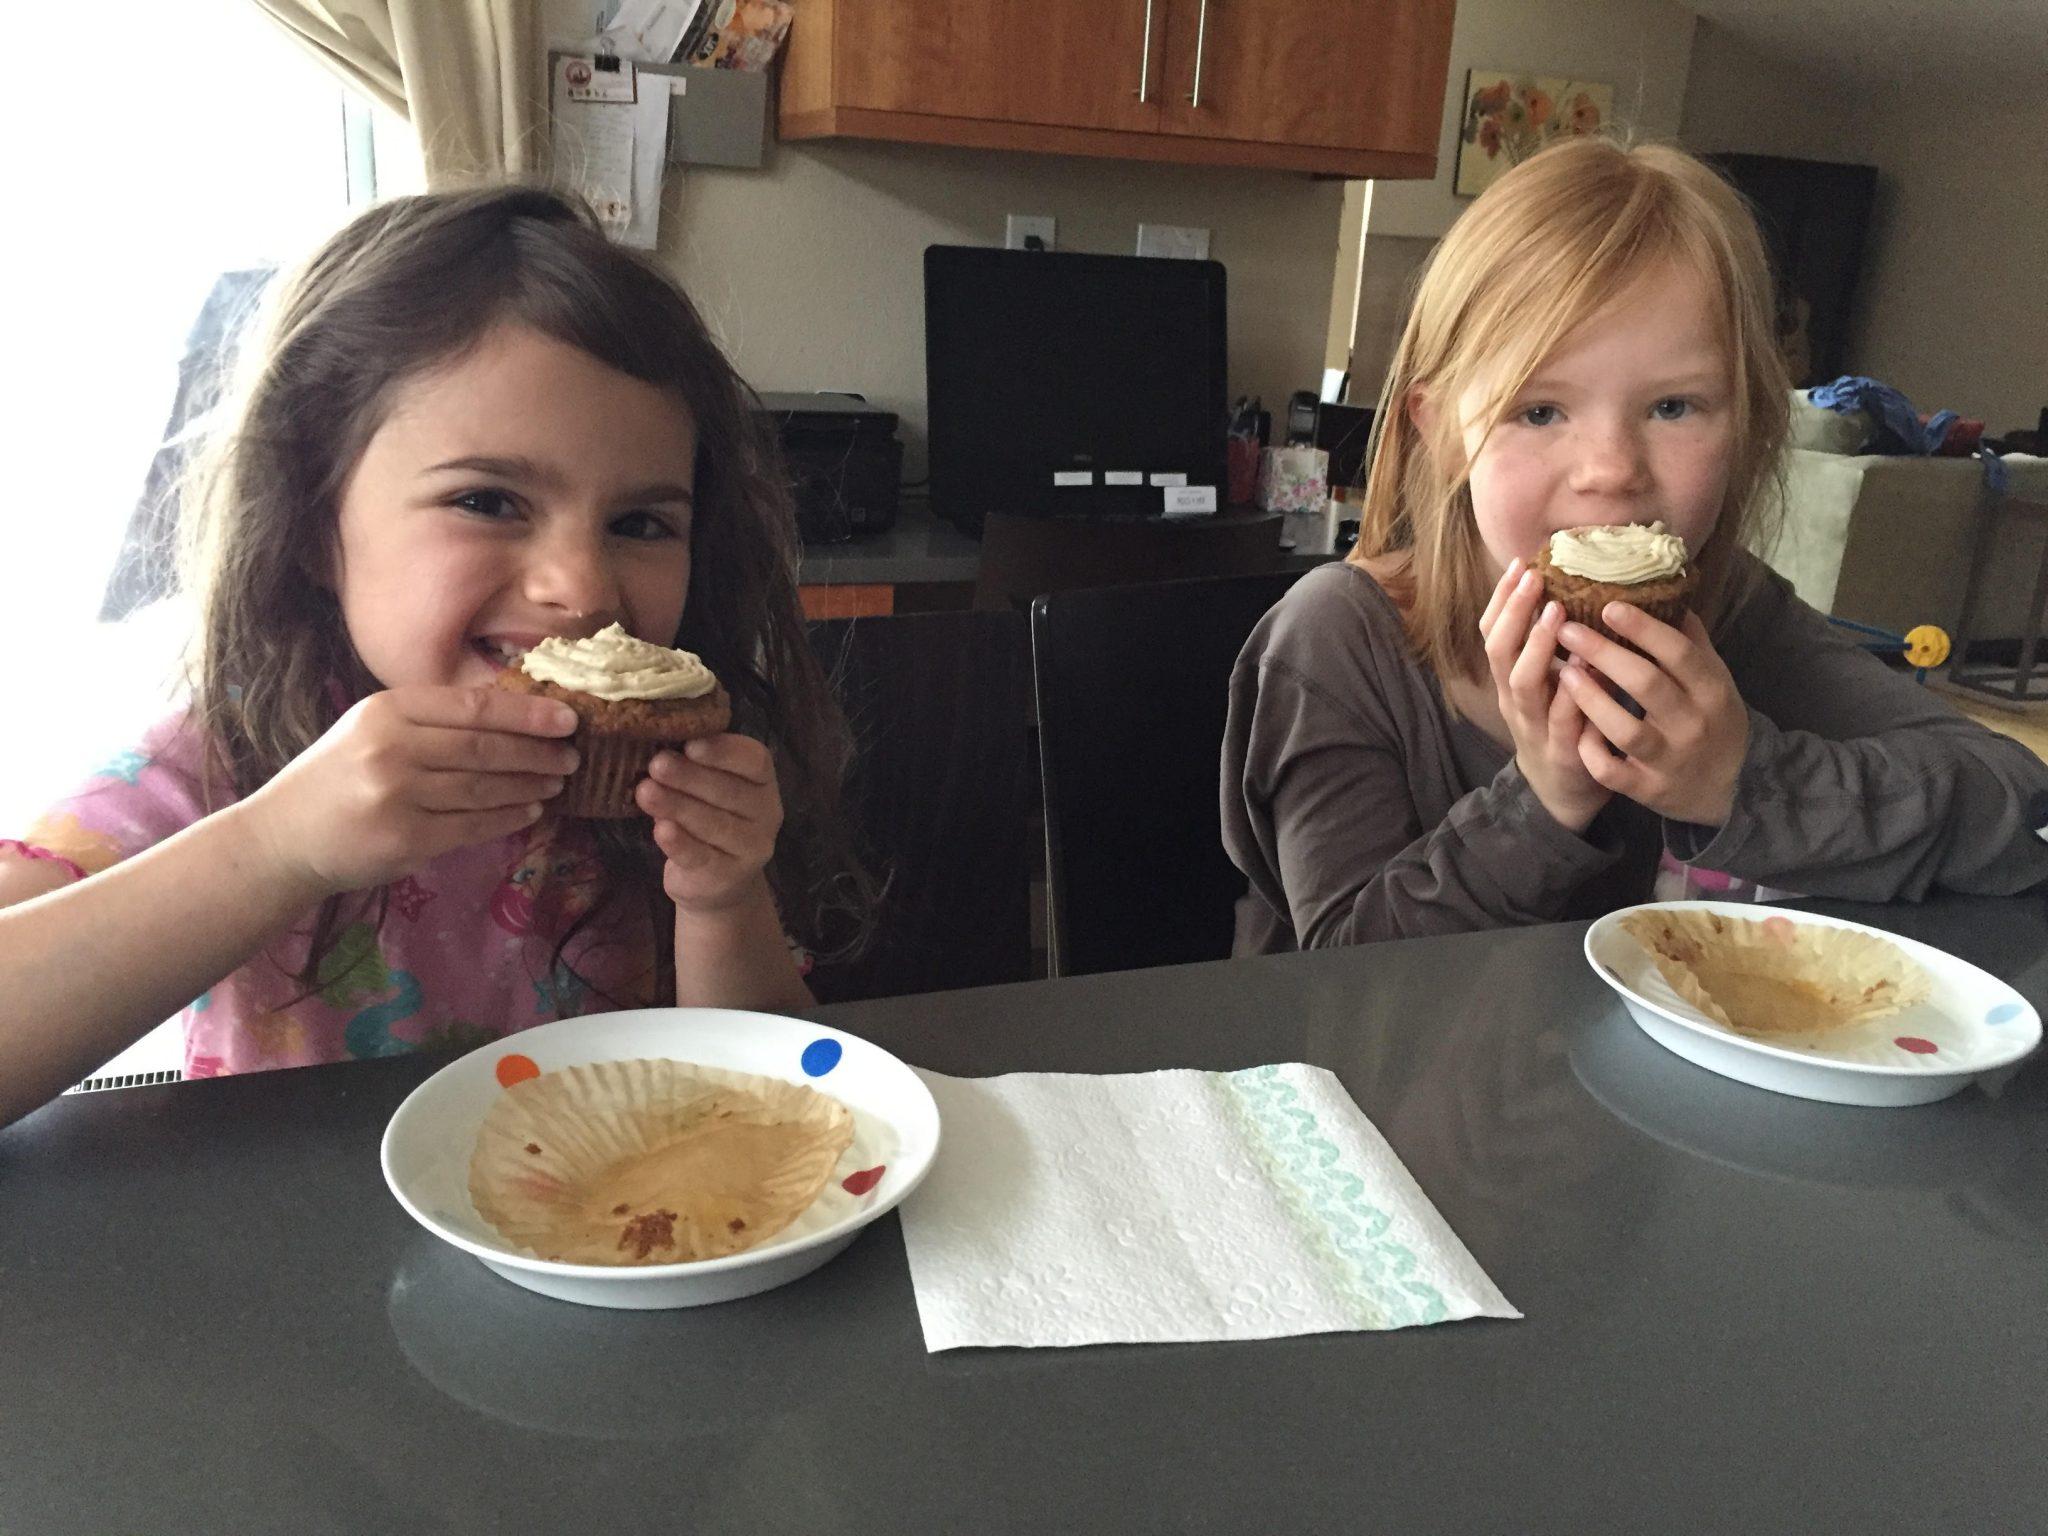 girls eating breakfast cupcakes